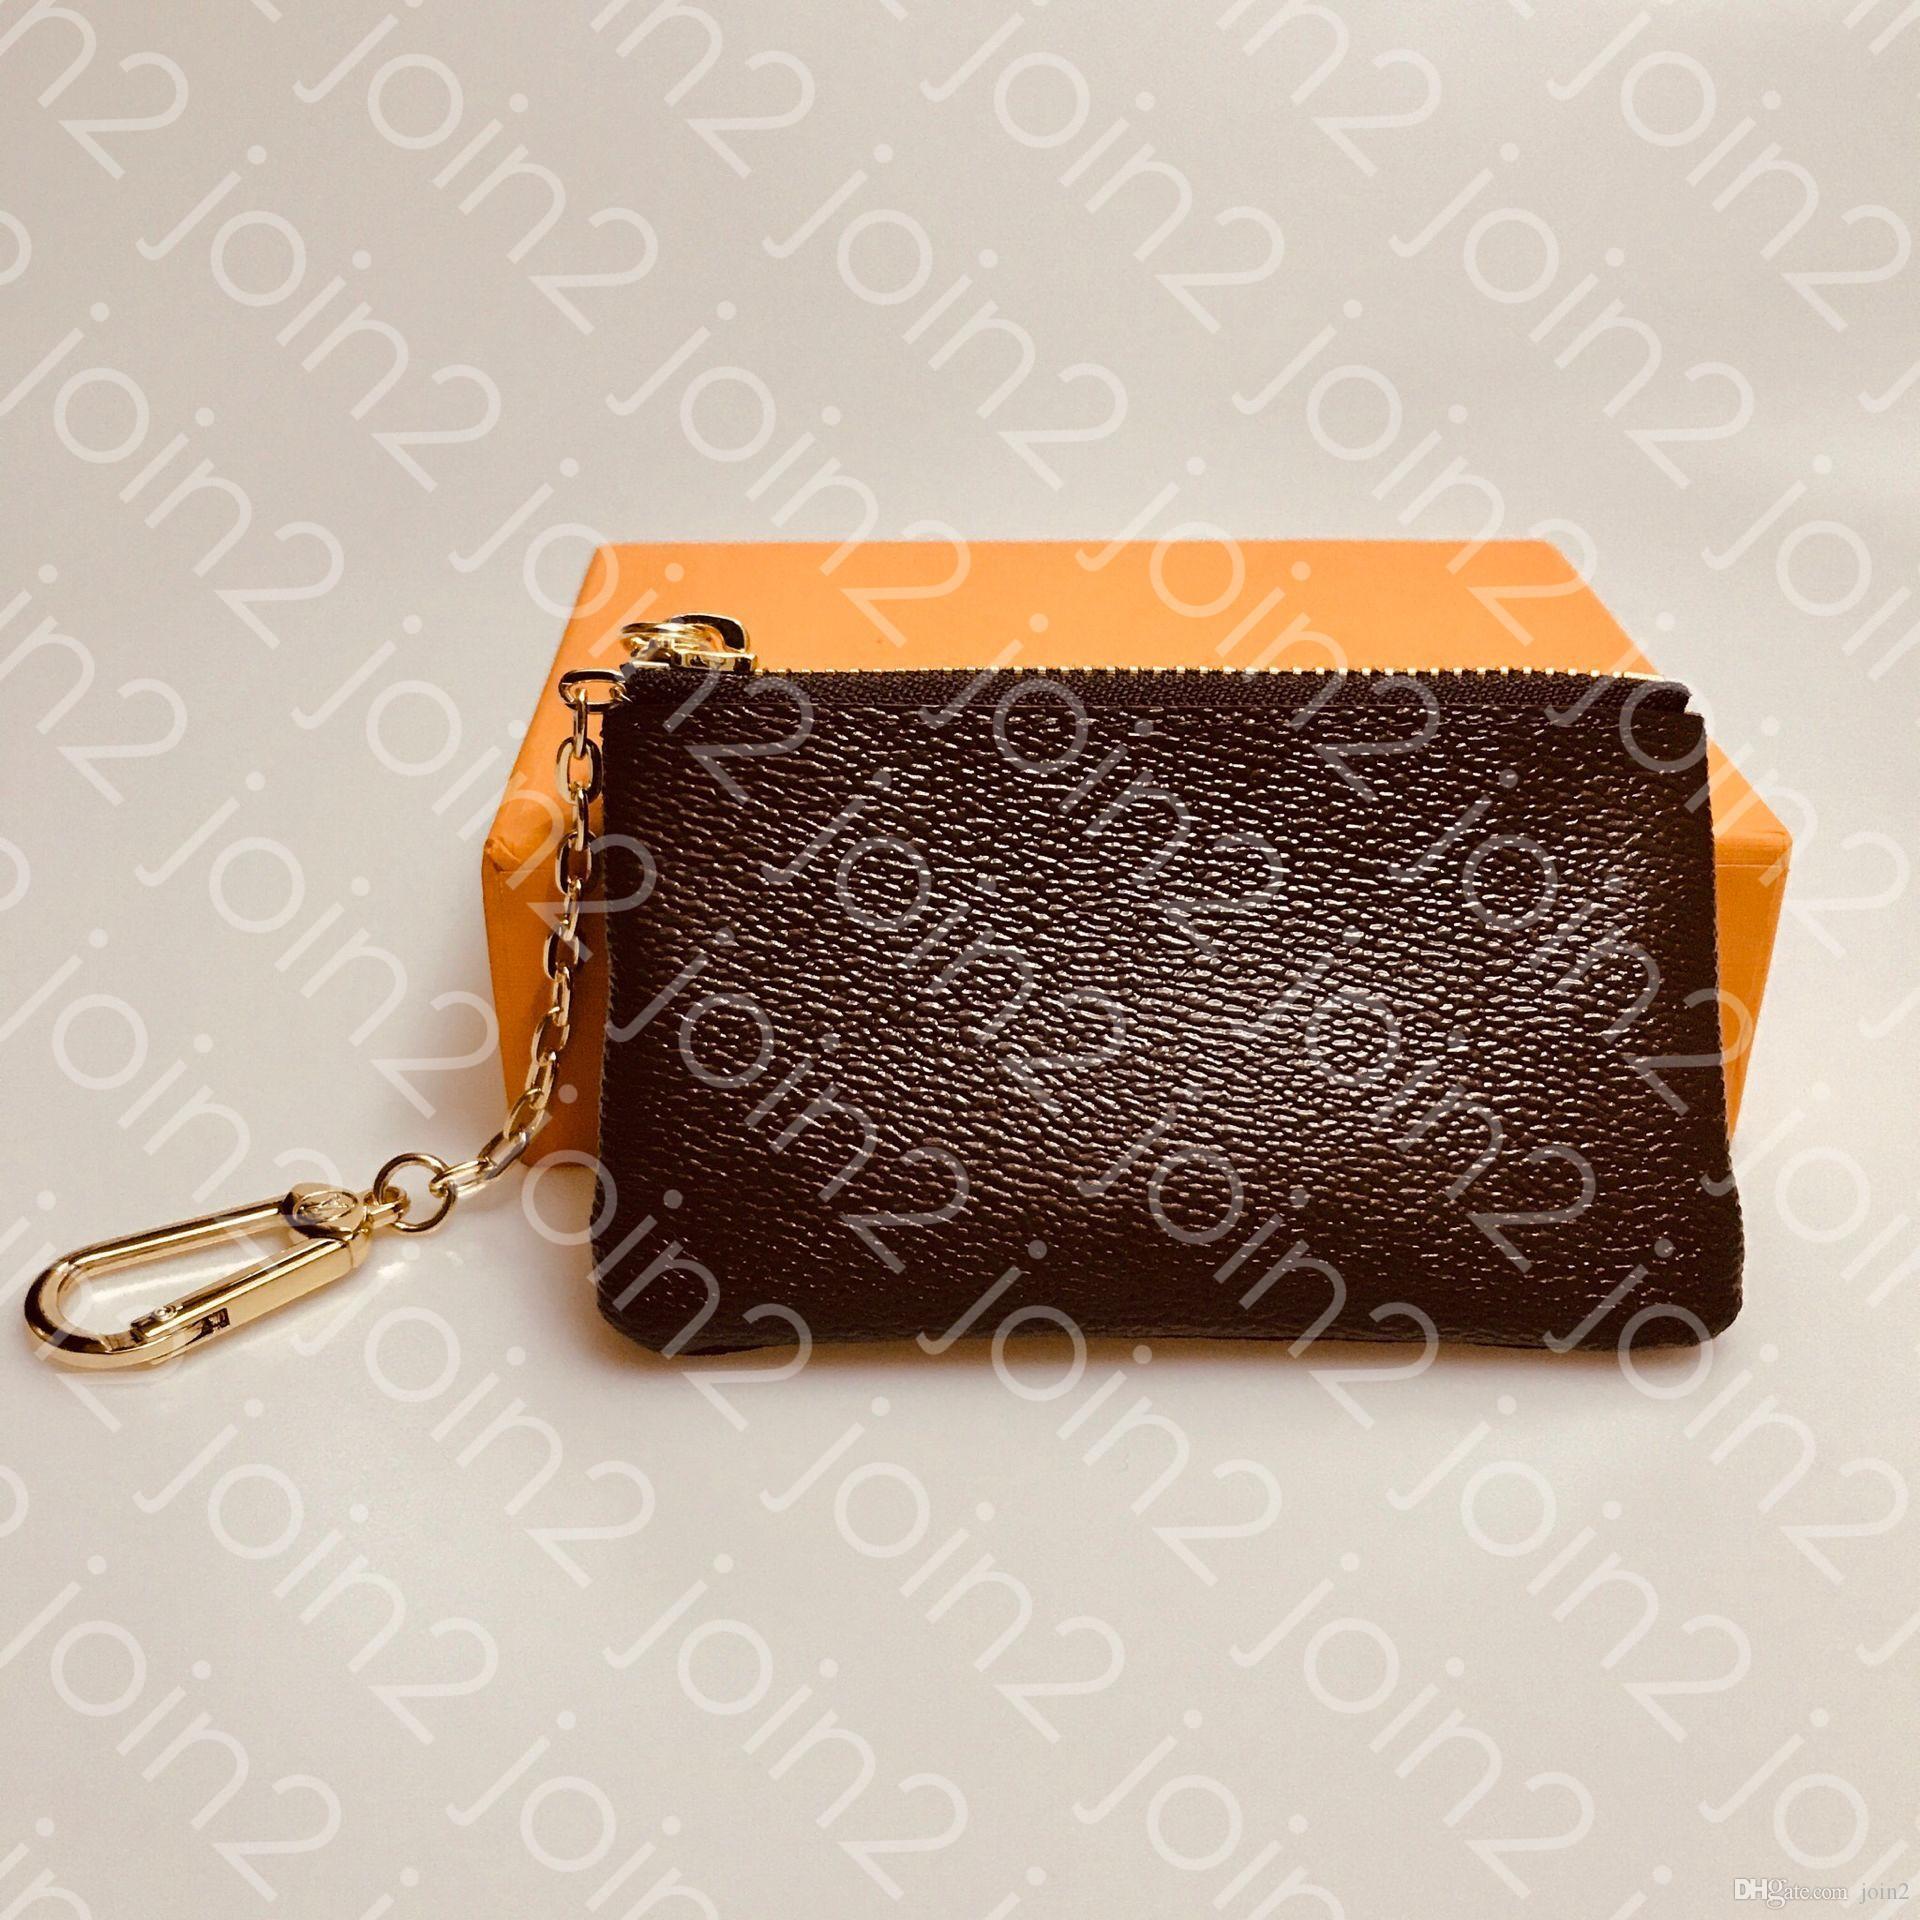 CHAVE BOLSA M62650 POCHETTE CLES Designer de cartão de crédito a forma das mulheres dos homens Key Anel Titular Coin Purse Luxo Mini Carteira encanto do saco de lona Brown